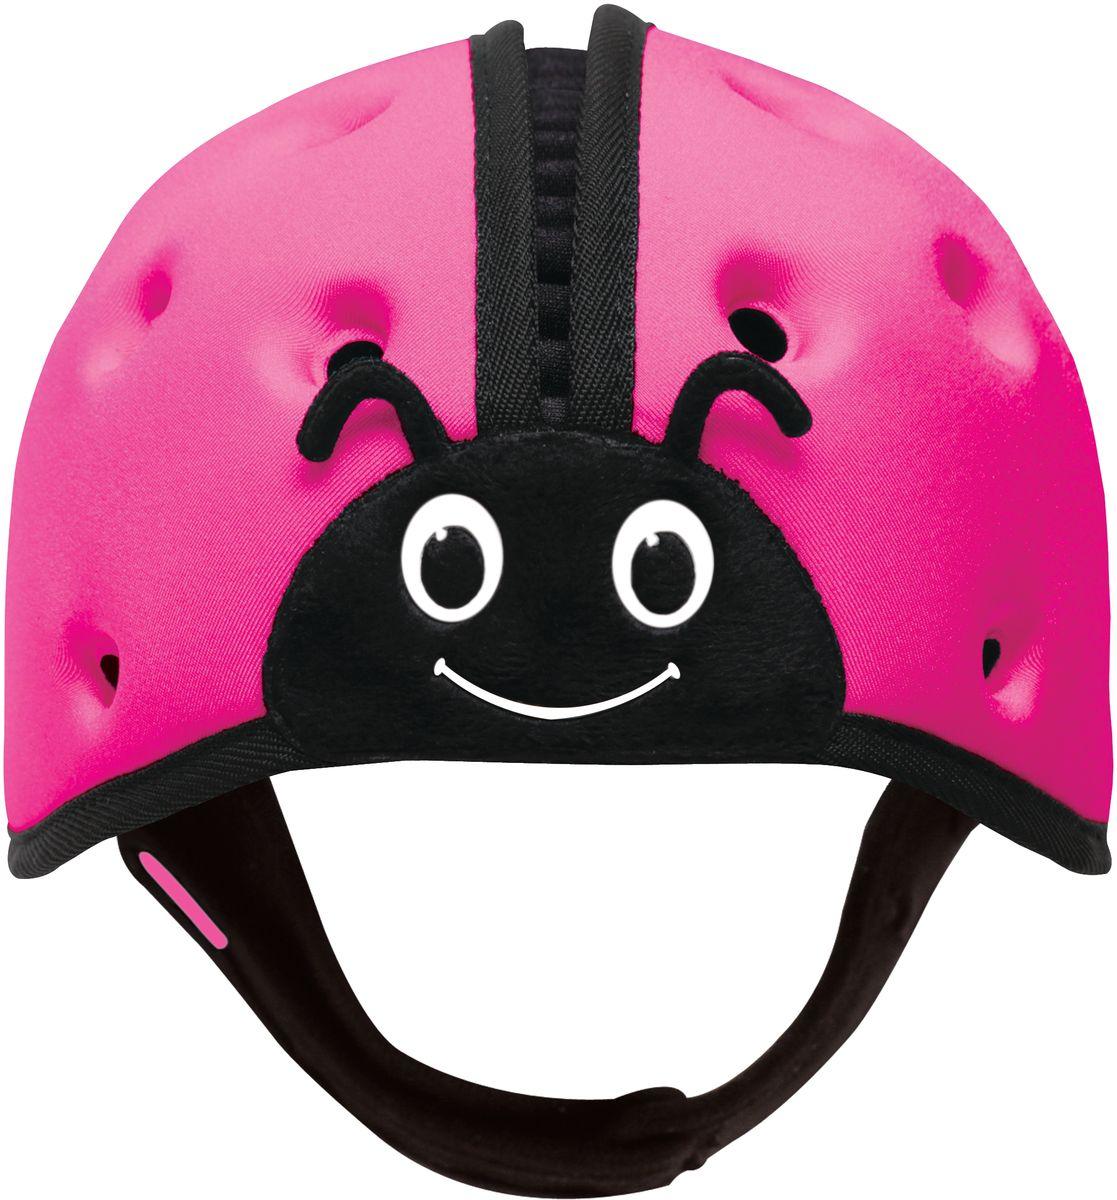 SafeheadBABY Шапка-шлем Божья коровка цвет розовый12003Запатентованный и получивший награды мягкий головной убор предназначен детей, которые учатся ходить, чтобы защитить их от ударов, ушибов и падения с высоты их роста, когда они все еще неустойчиво стоят на ногах. Стирать можно только с использованием ручной стирки с водой и мылом. Сушка в помещении.